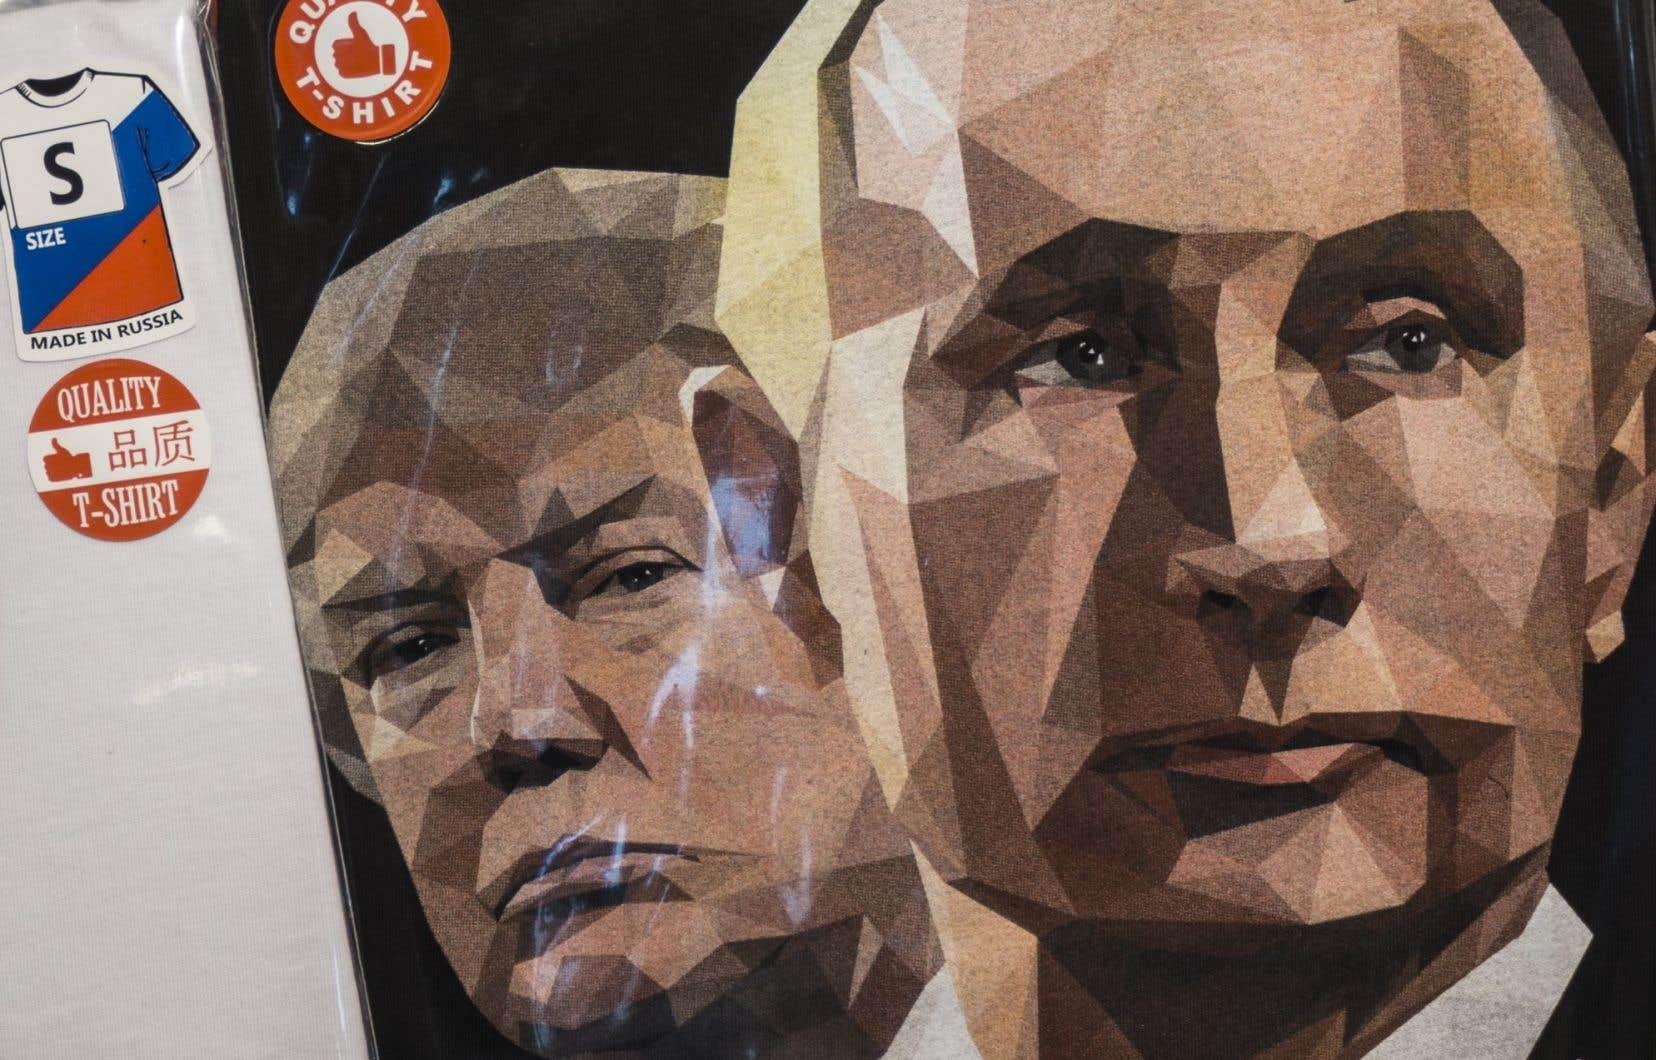 Un t-shirt à l'effigie des présidents Doanld Trump et Vladimir Poutine estexposédans une boutique de souvenirs àSaint-Pétersbourg.